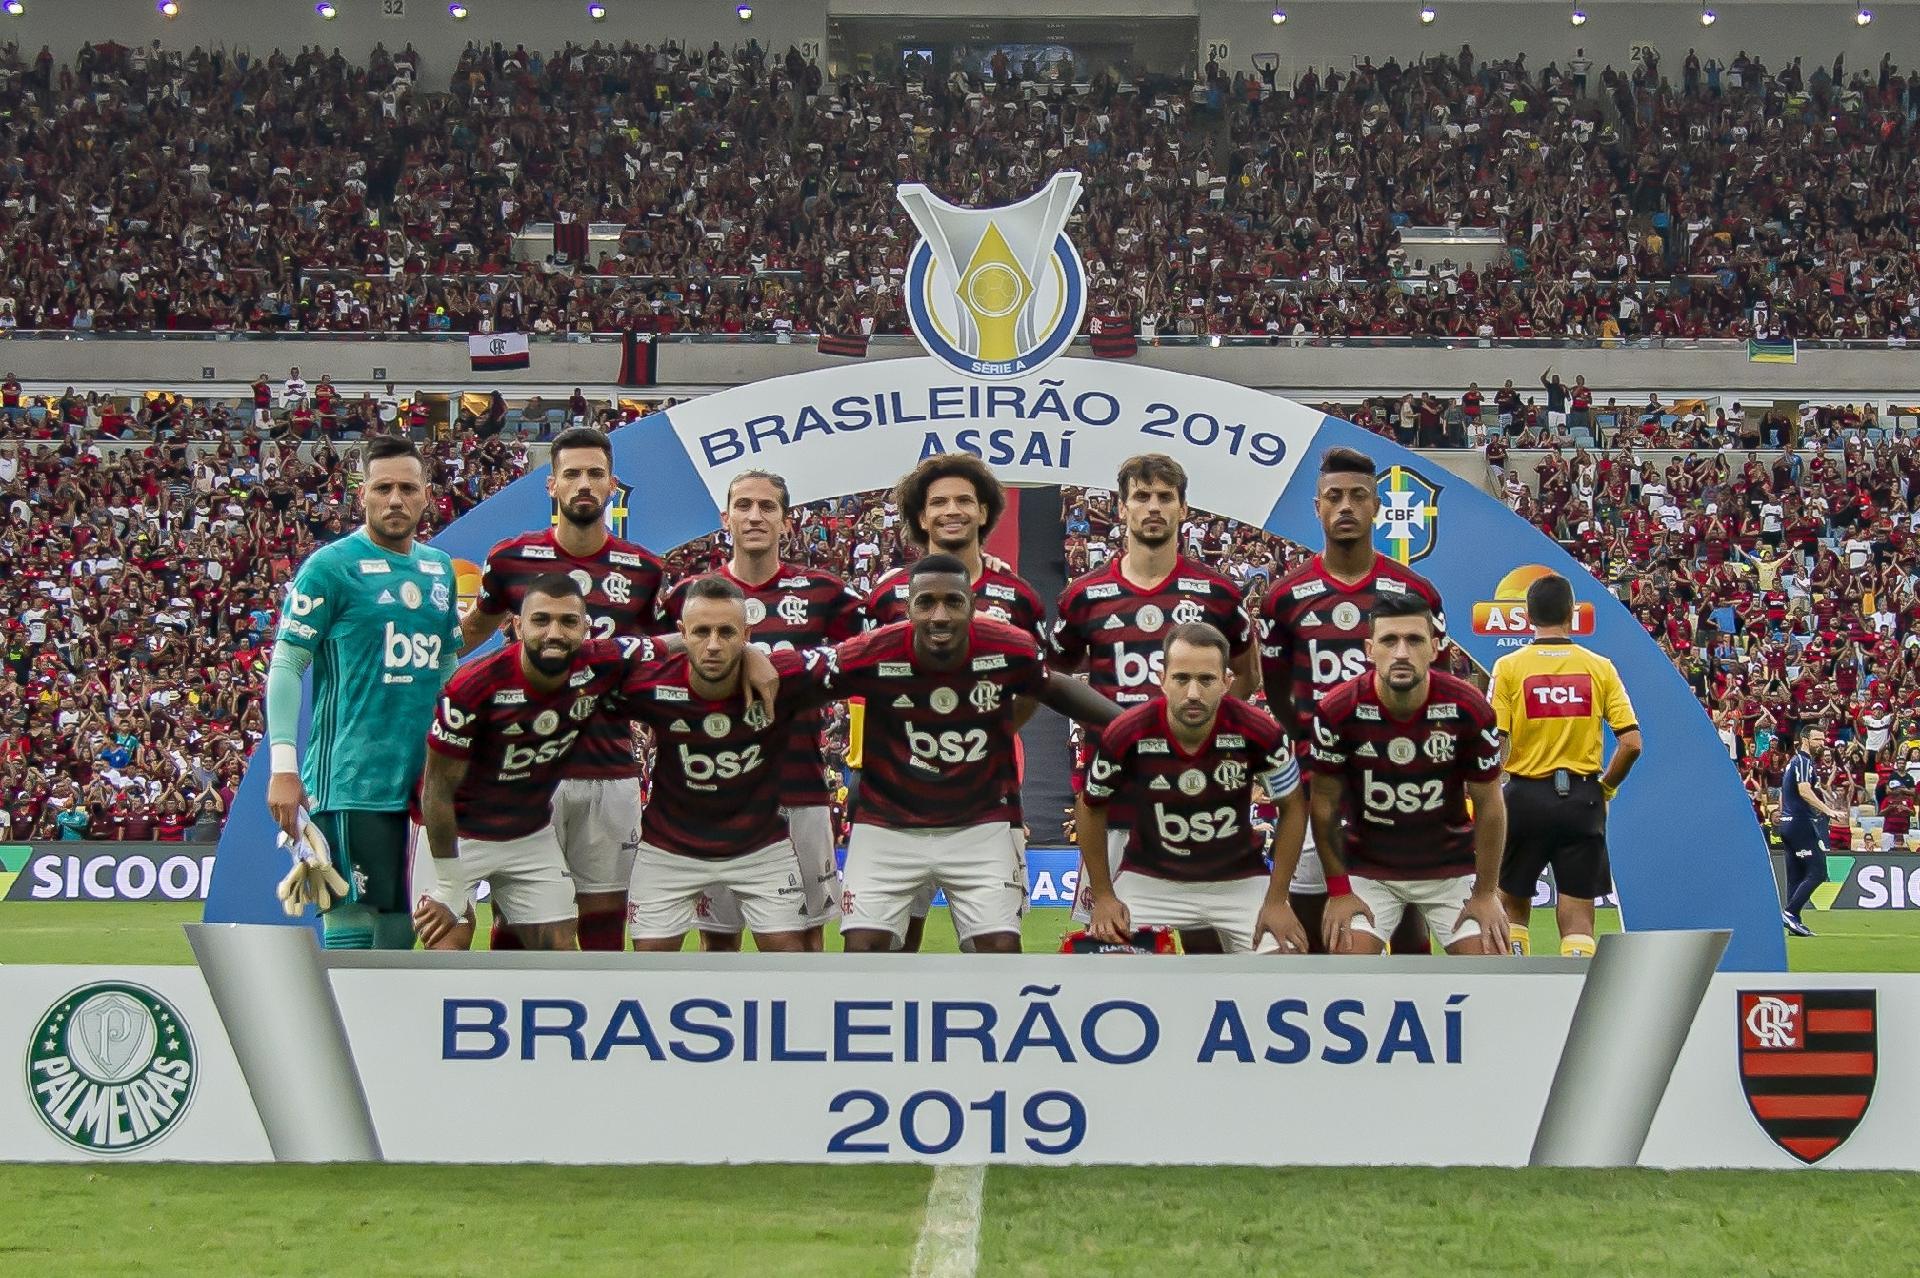 Pôster Do Flamengo Campeão Do Brasileirão 2019